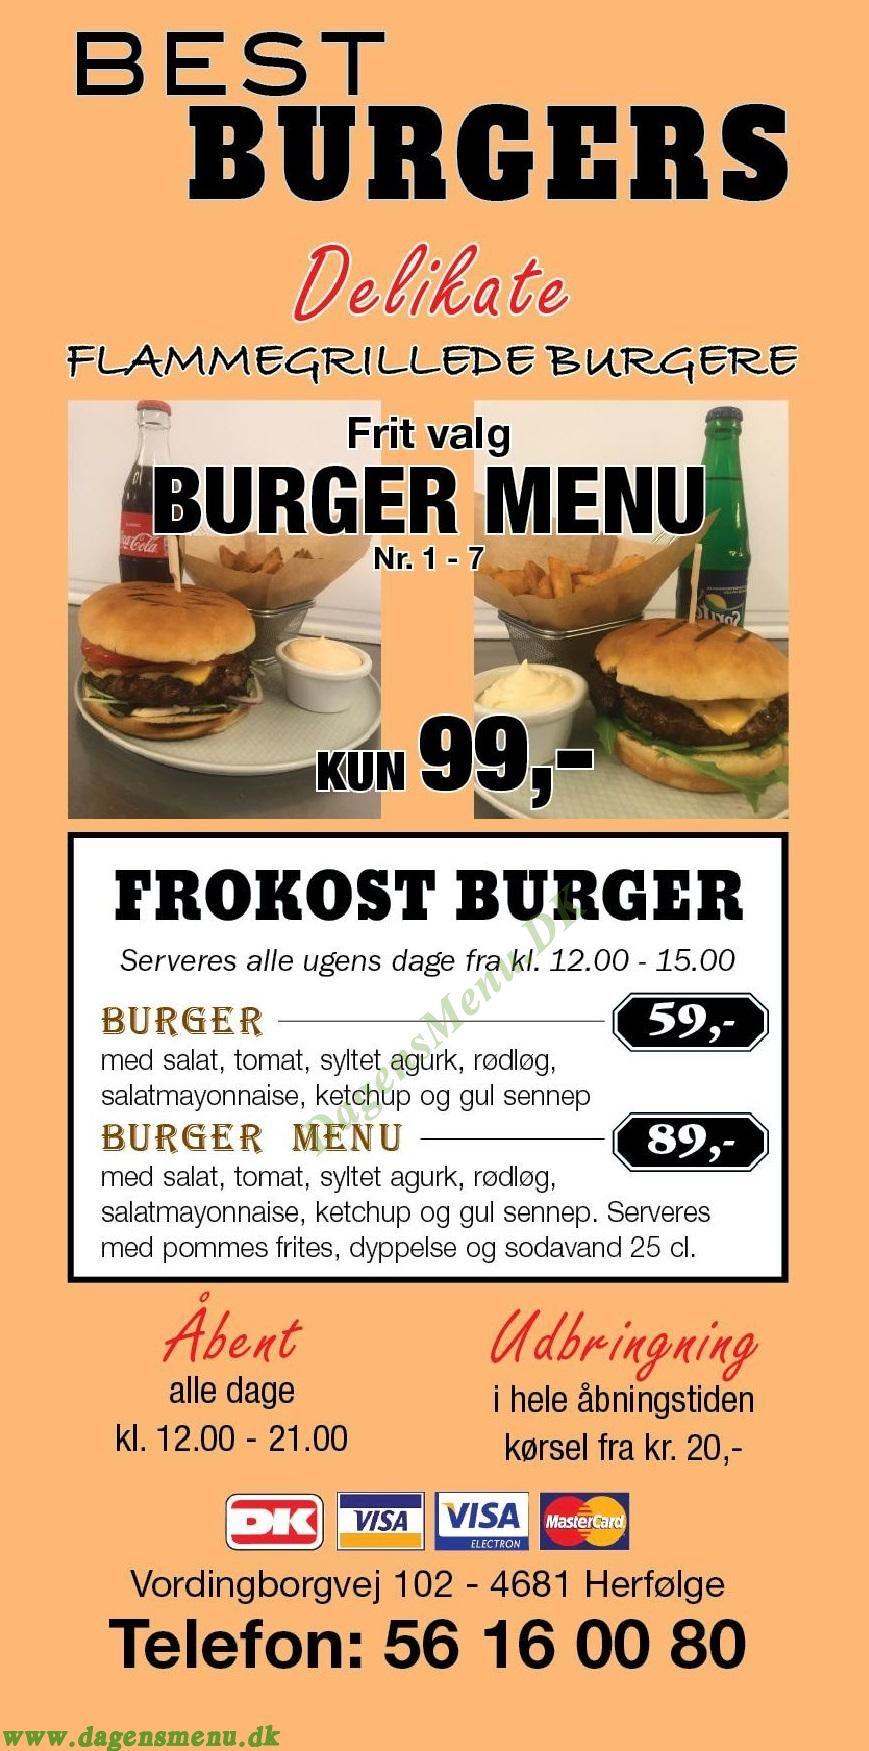 Best Burgers - Menukort